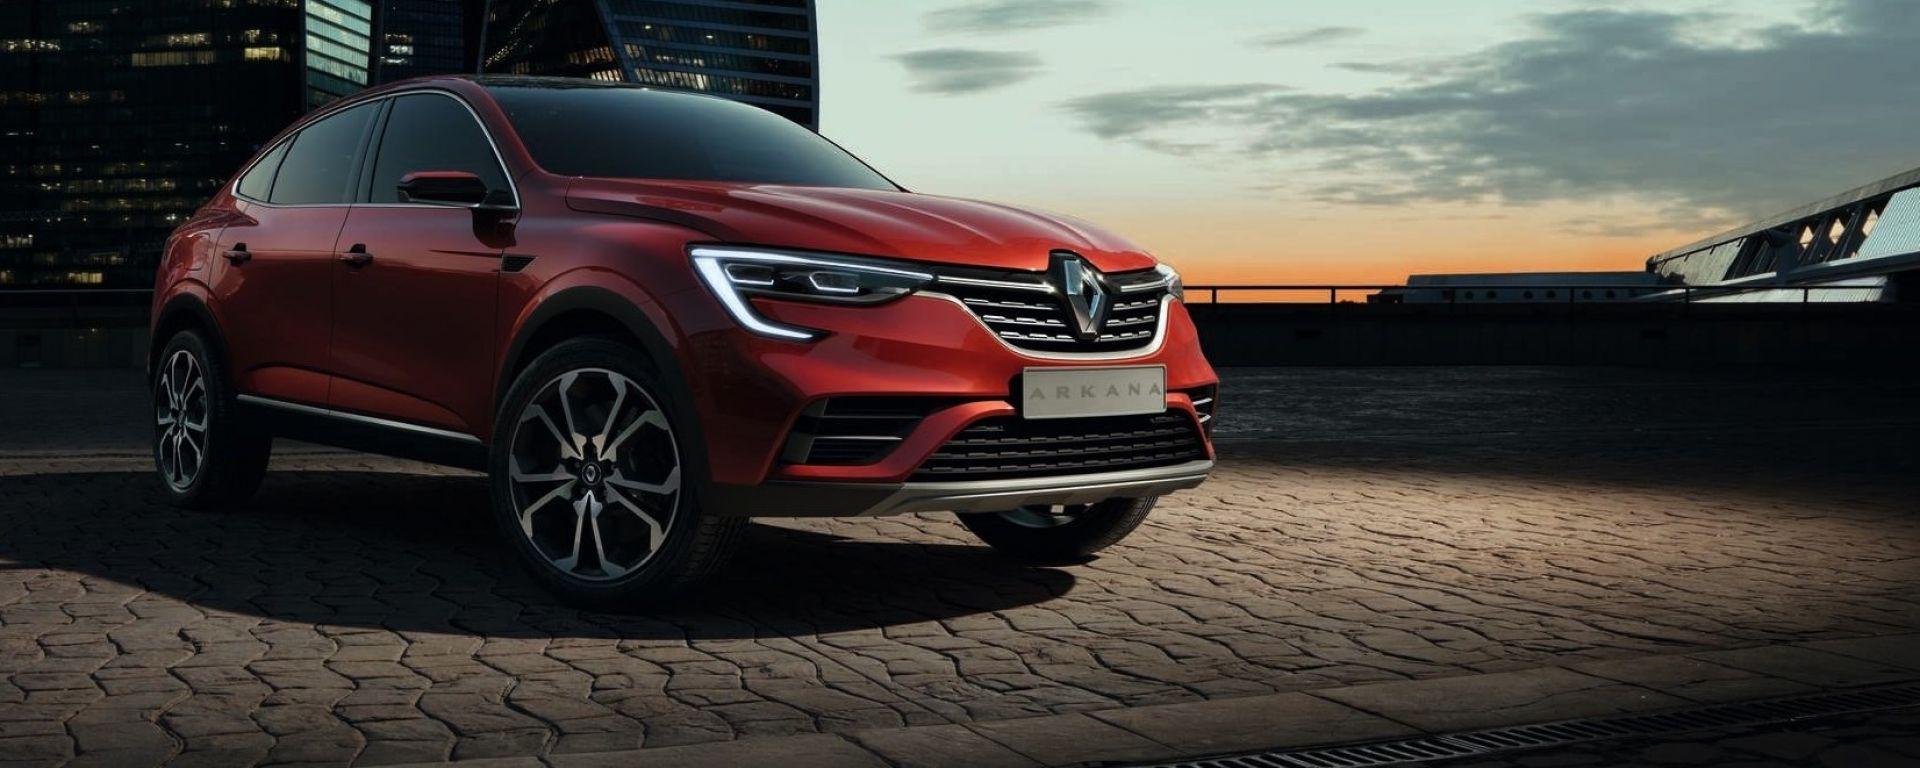 Nuovo Renault Arkana: arriva il SUV coupé ma solo per la Russia (video)